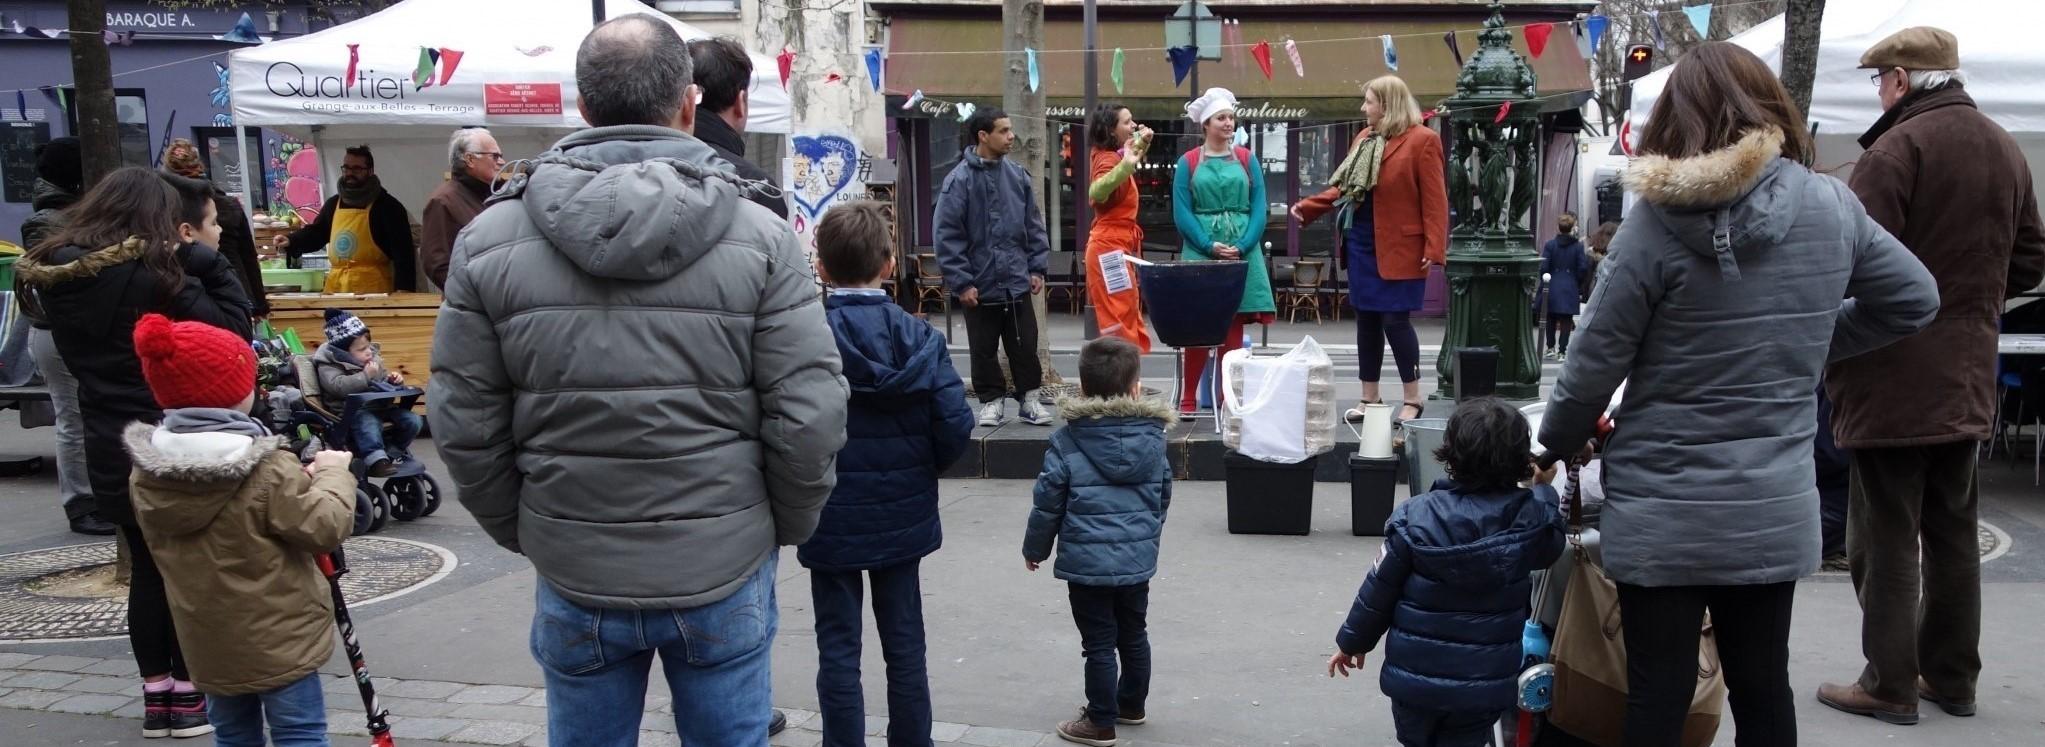 SOUPE MAISON ou l'art d'accommoder les déchets - Place Juliette Dodu - Paris 10 ème